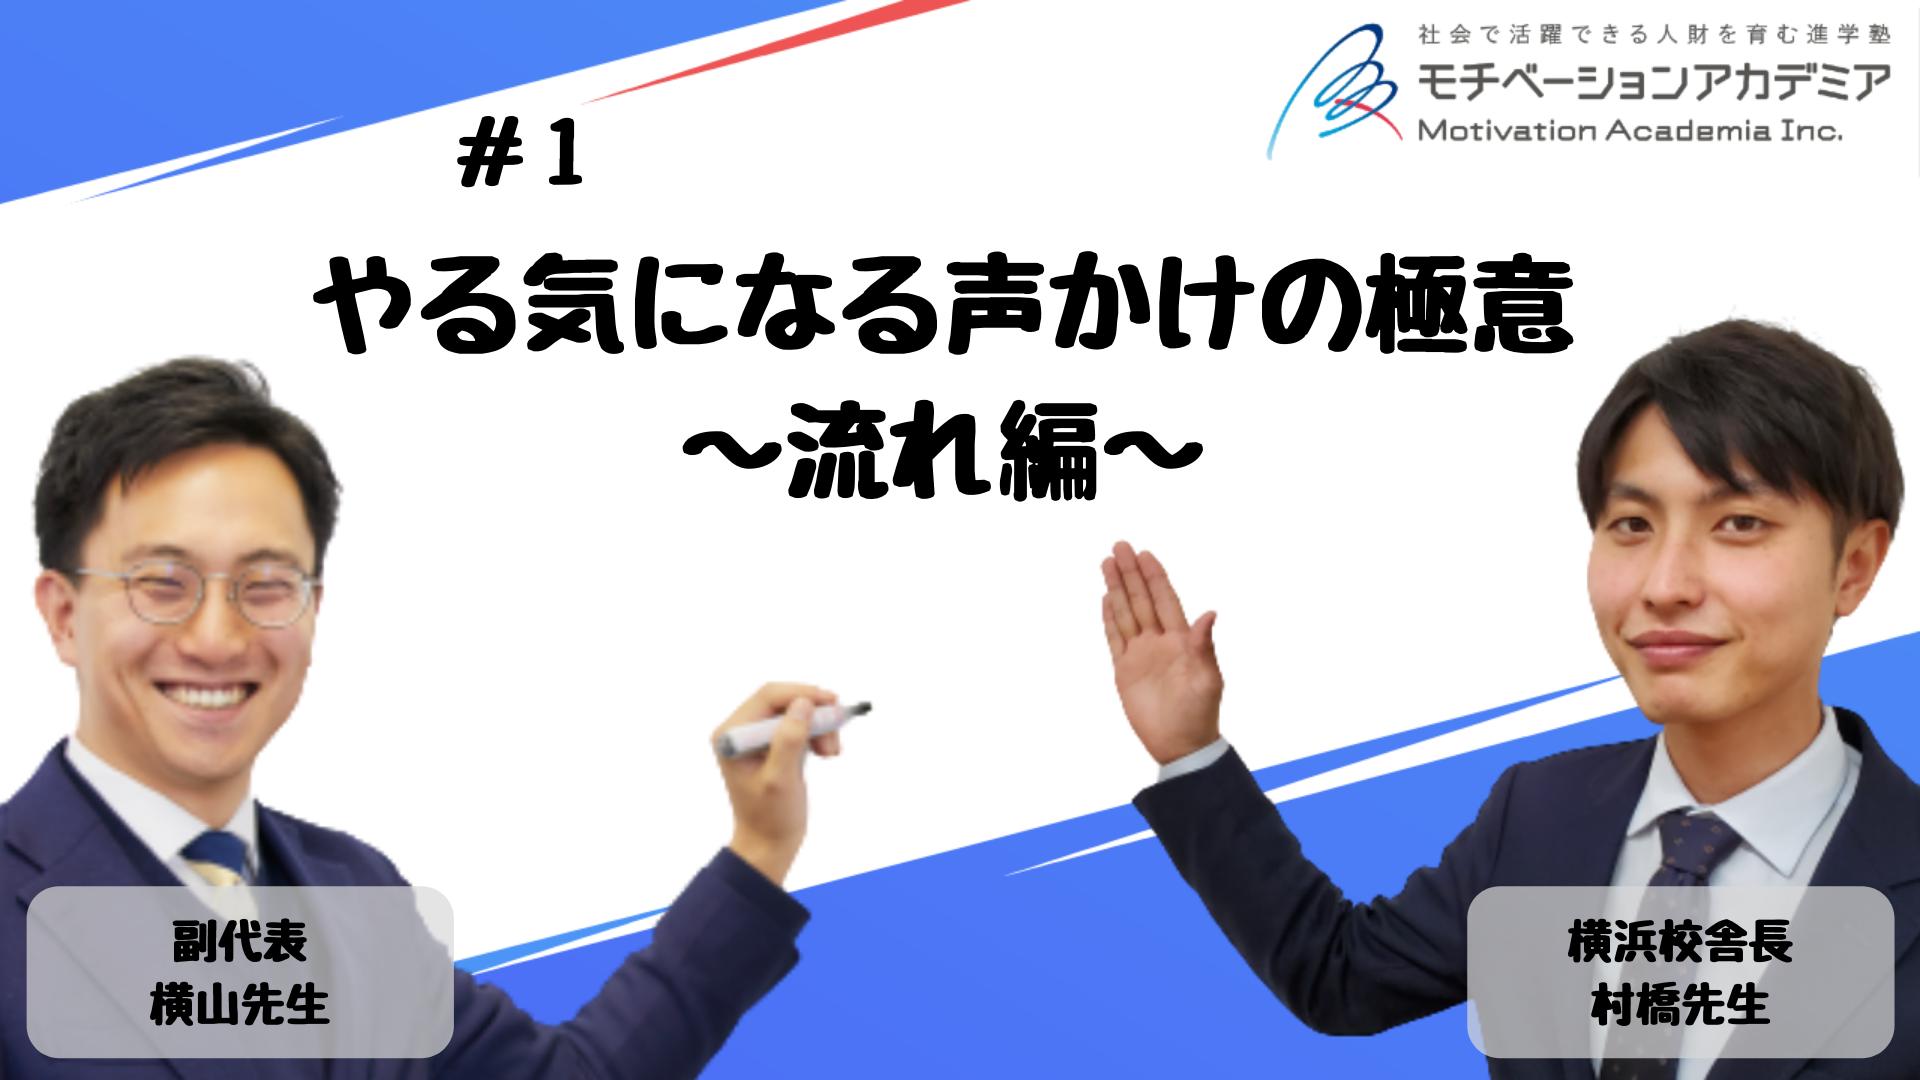 【動画】#1 やる気になる声かけの極意~流れ編~